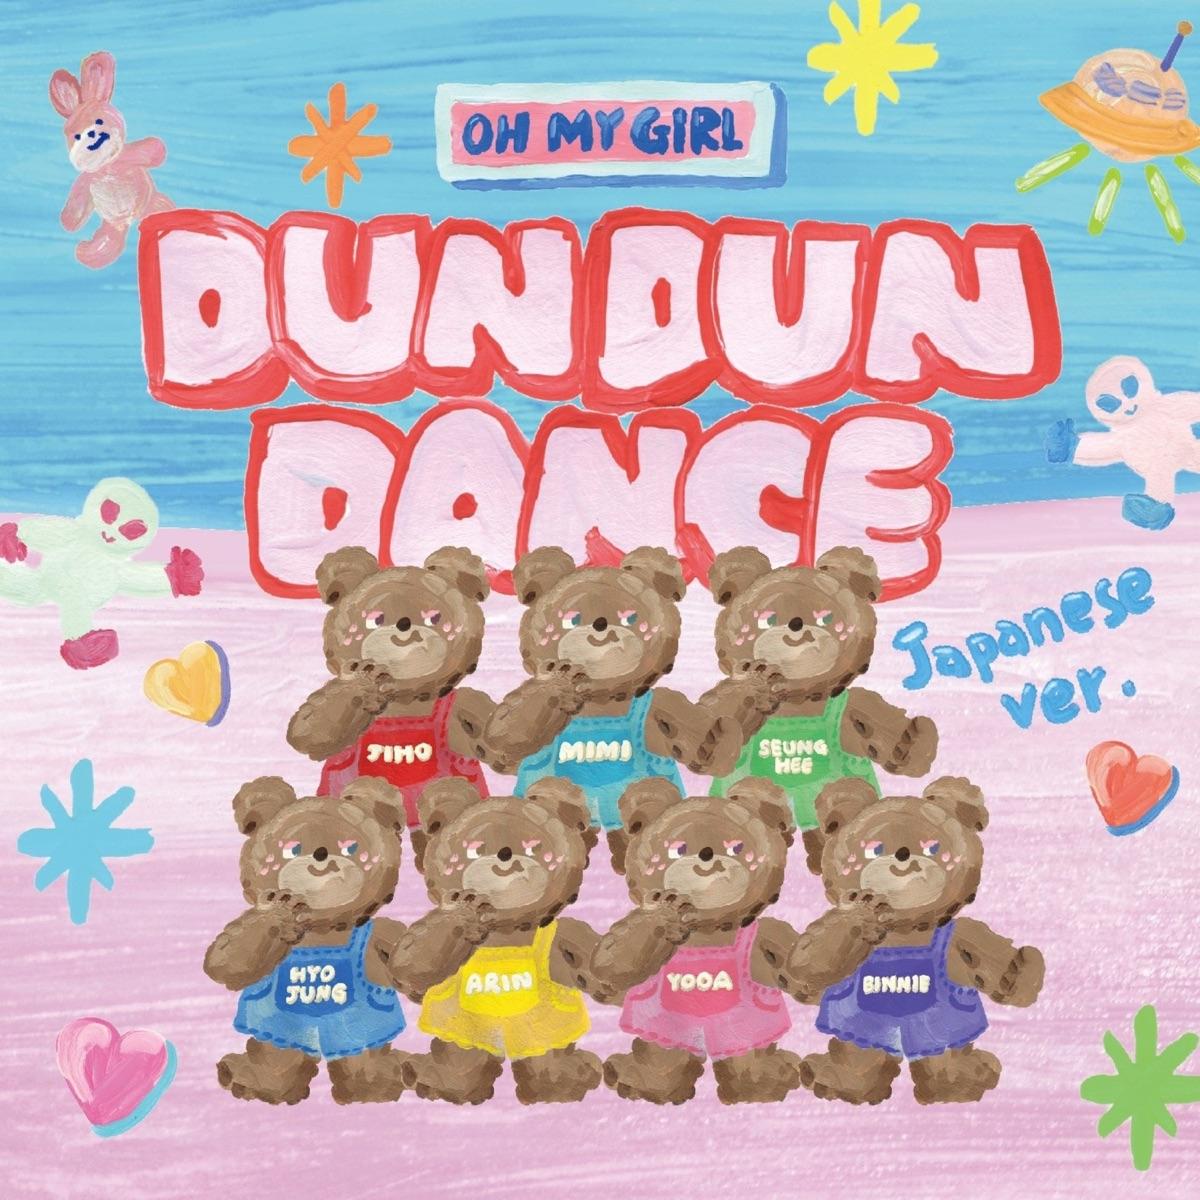 『OH MY GIRL - Dun Dun Dance Japanese ver.』収録の『Dun Dun Dance Japanese ver.』ジャケット